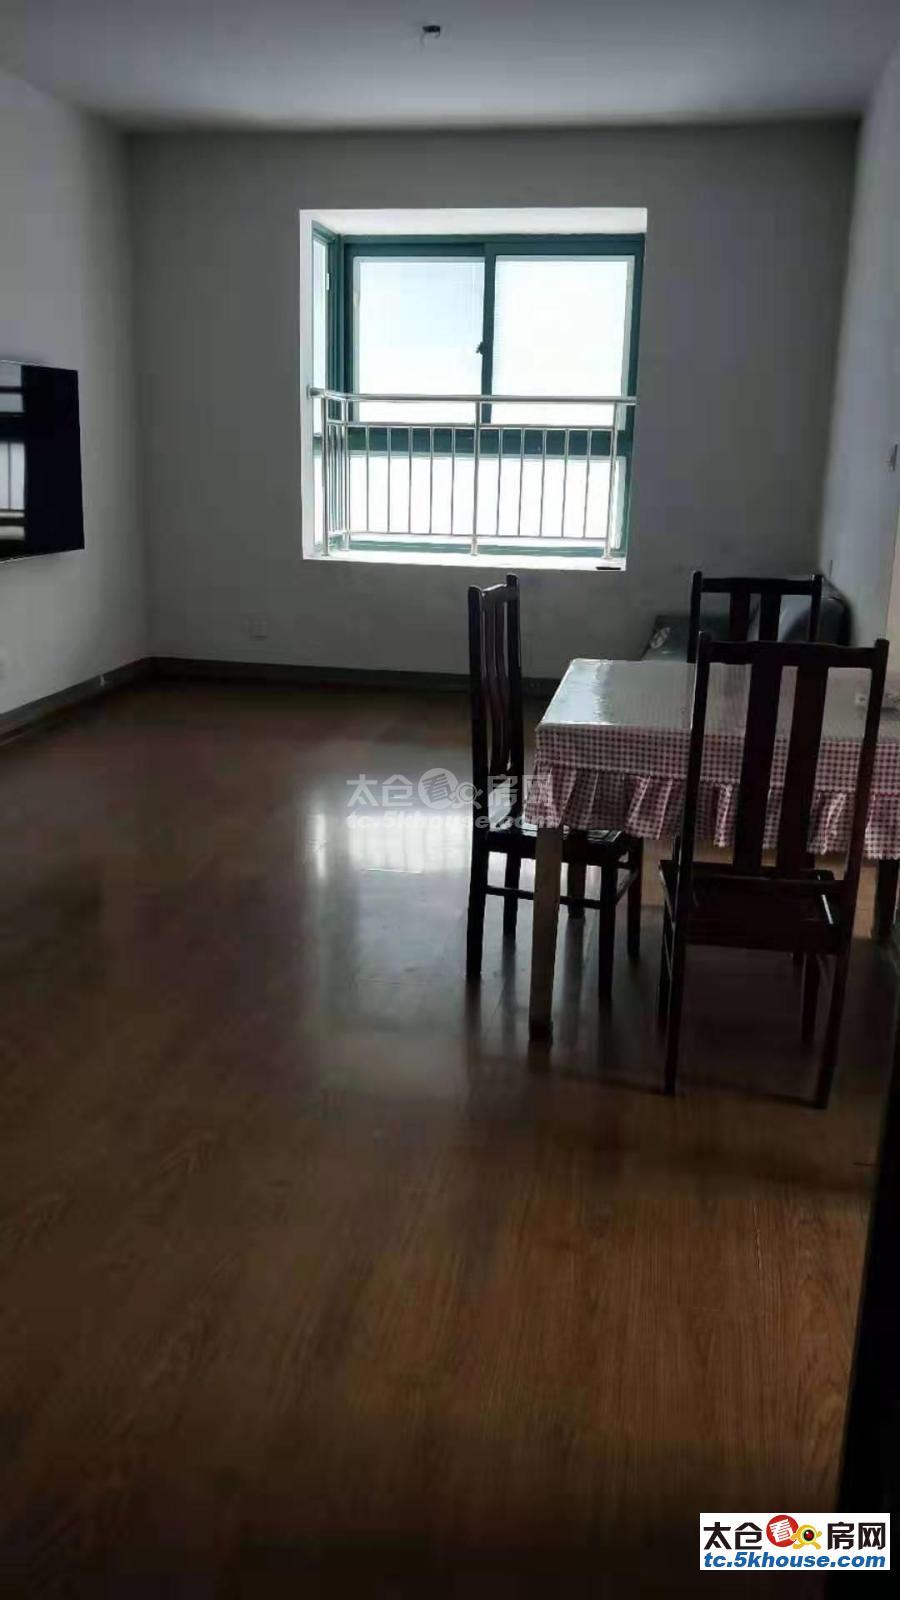 出租,利民花园二期89平米2室2厅1卫装修干净清爽1700月采光无遮挡